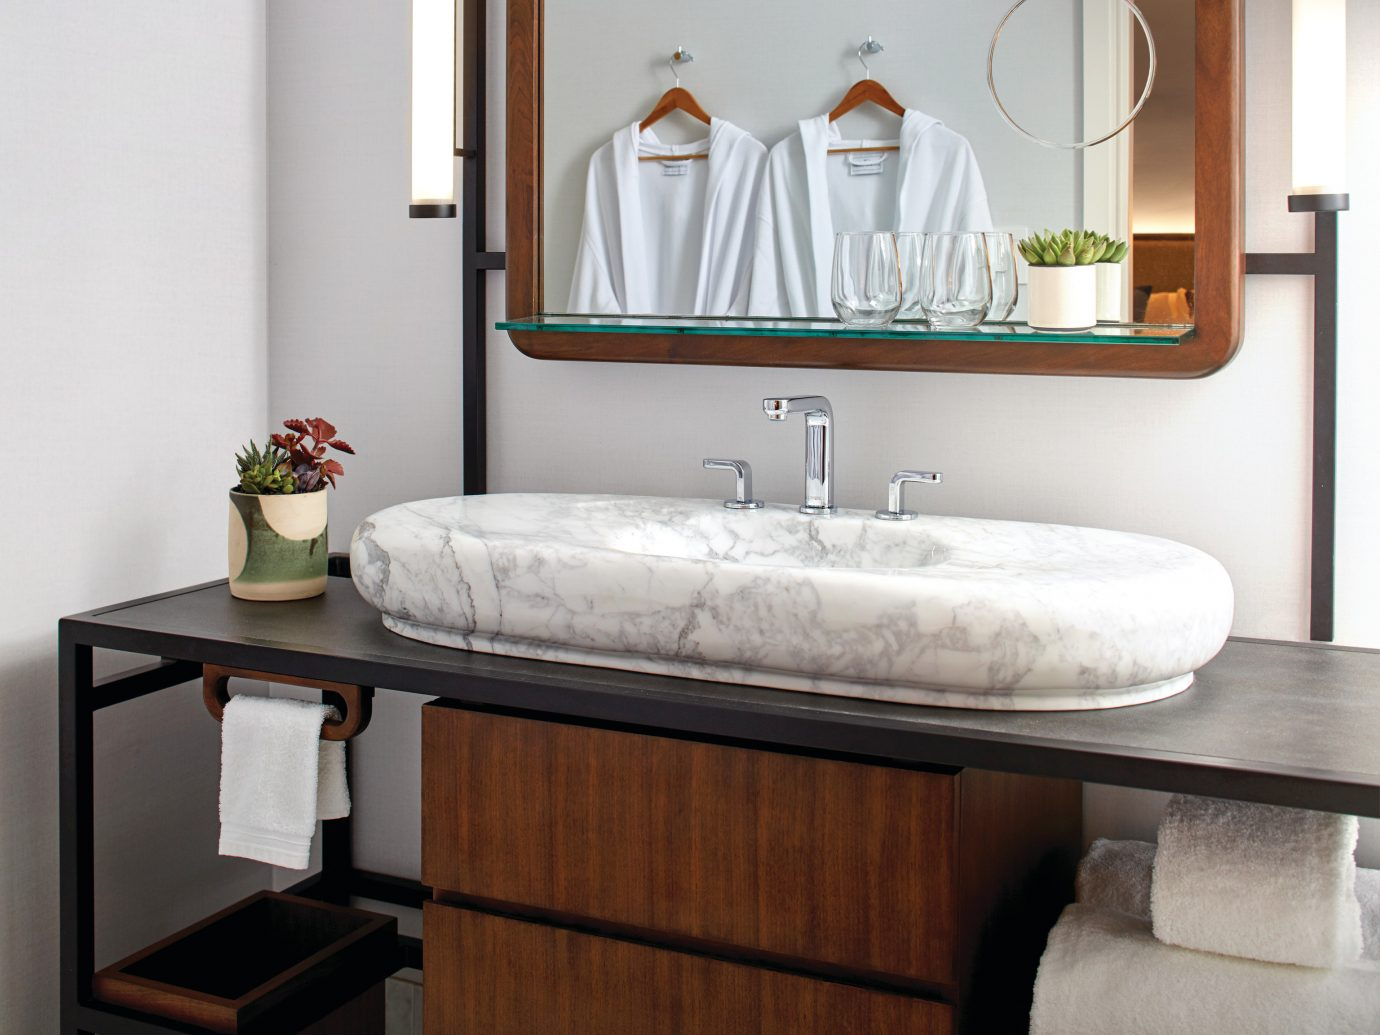 Hotels wall indoor room sink bathroom tap plumbing fixture interior design furniture bathroom cabinet Suite floor ceramic bathroom sink product bathroom accessory